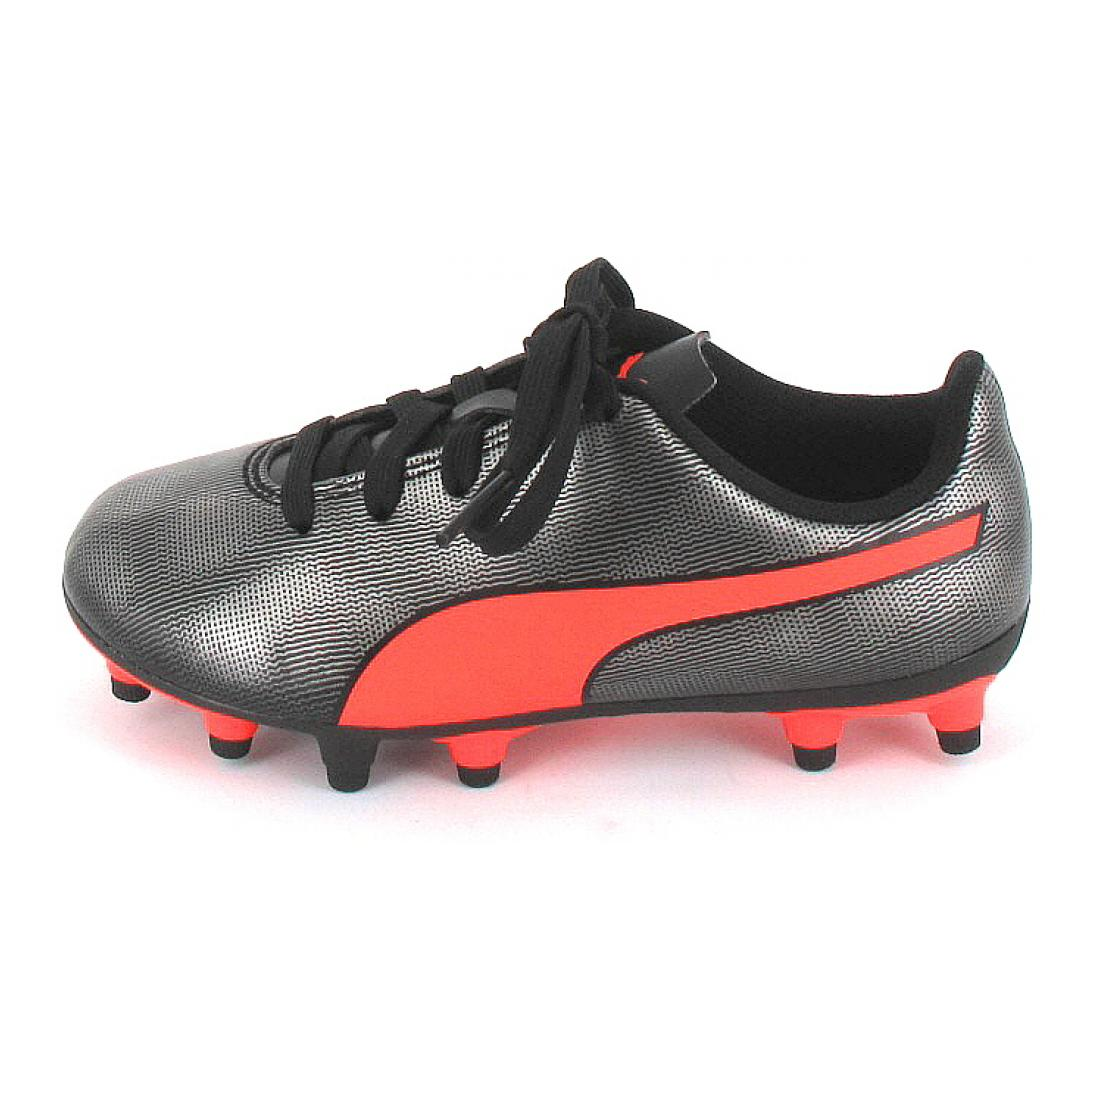 Puma Fußballschuh Nocken RAPIDO | Schuh Welt Wo